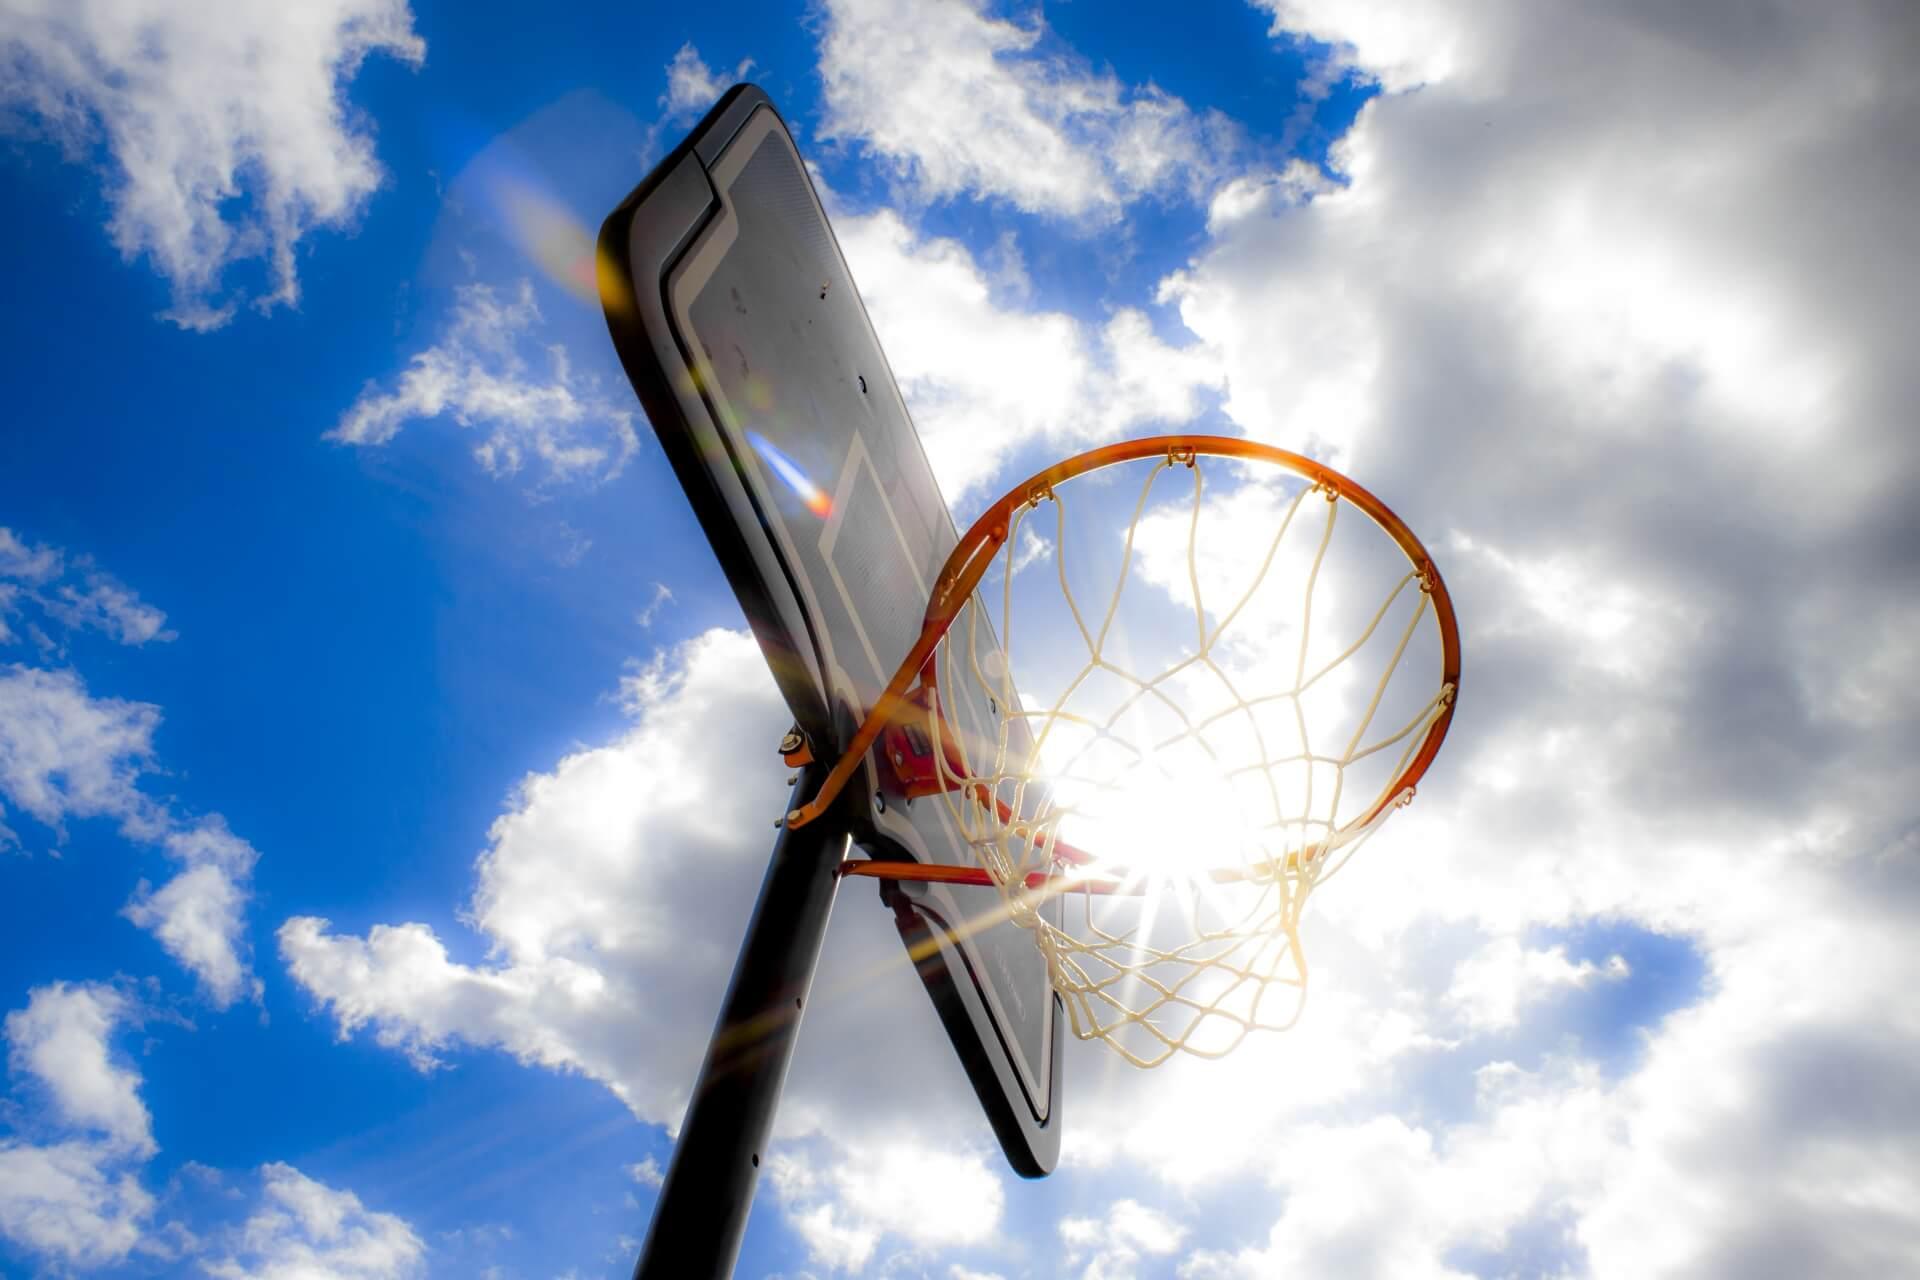 壁紙で人気のバスケットといえば 調整さん